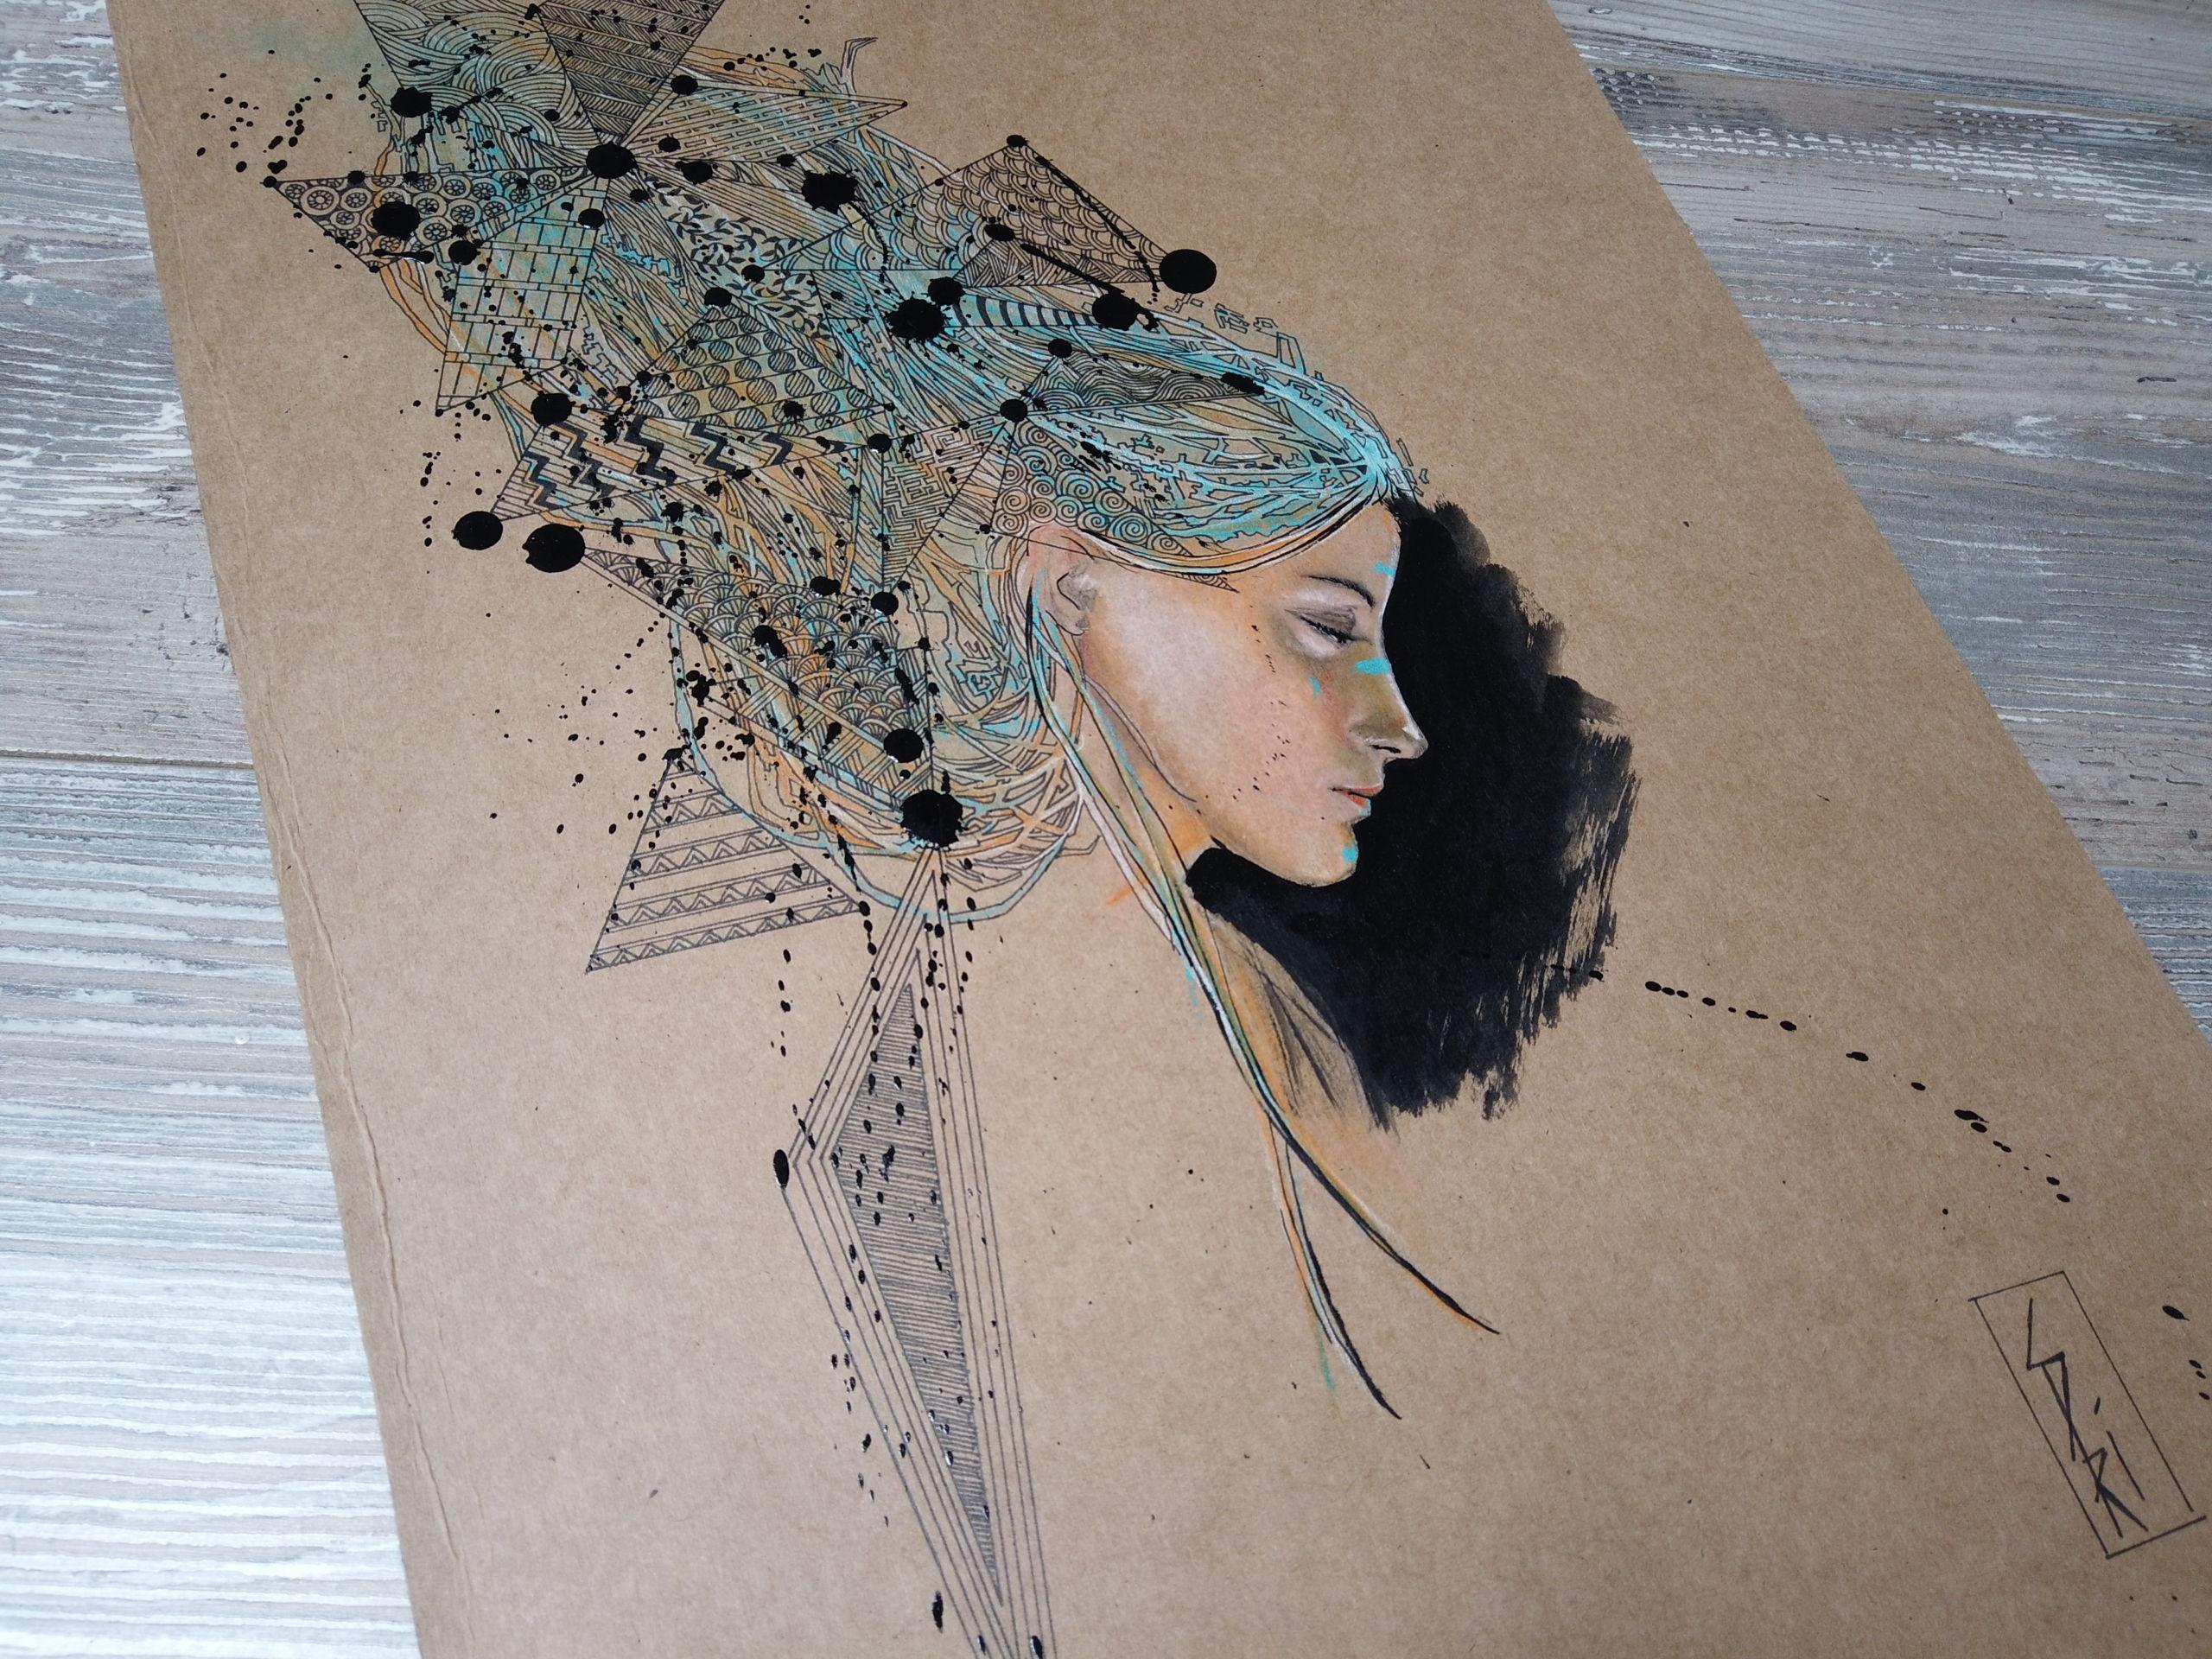 Dessin sur papier craft par l'artiste Priscilla Seiller : encre de chine et pastels